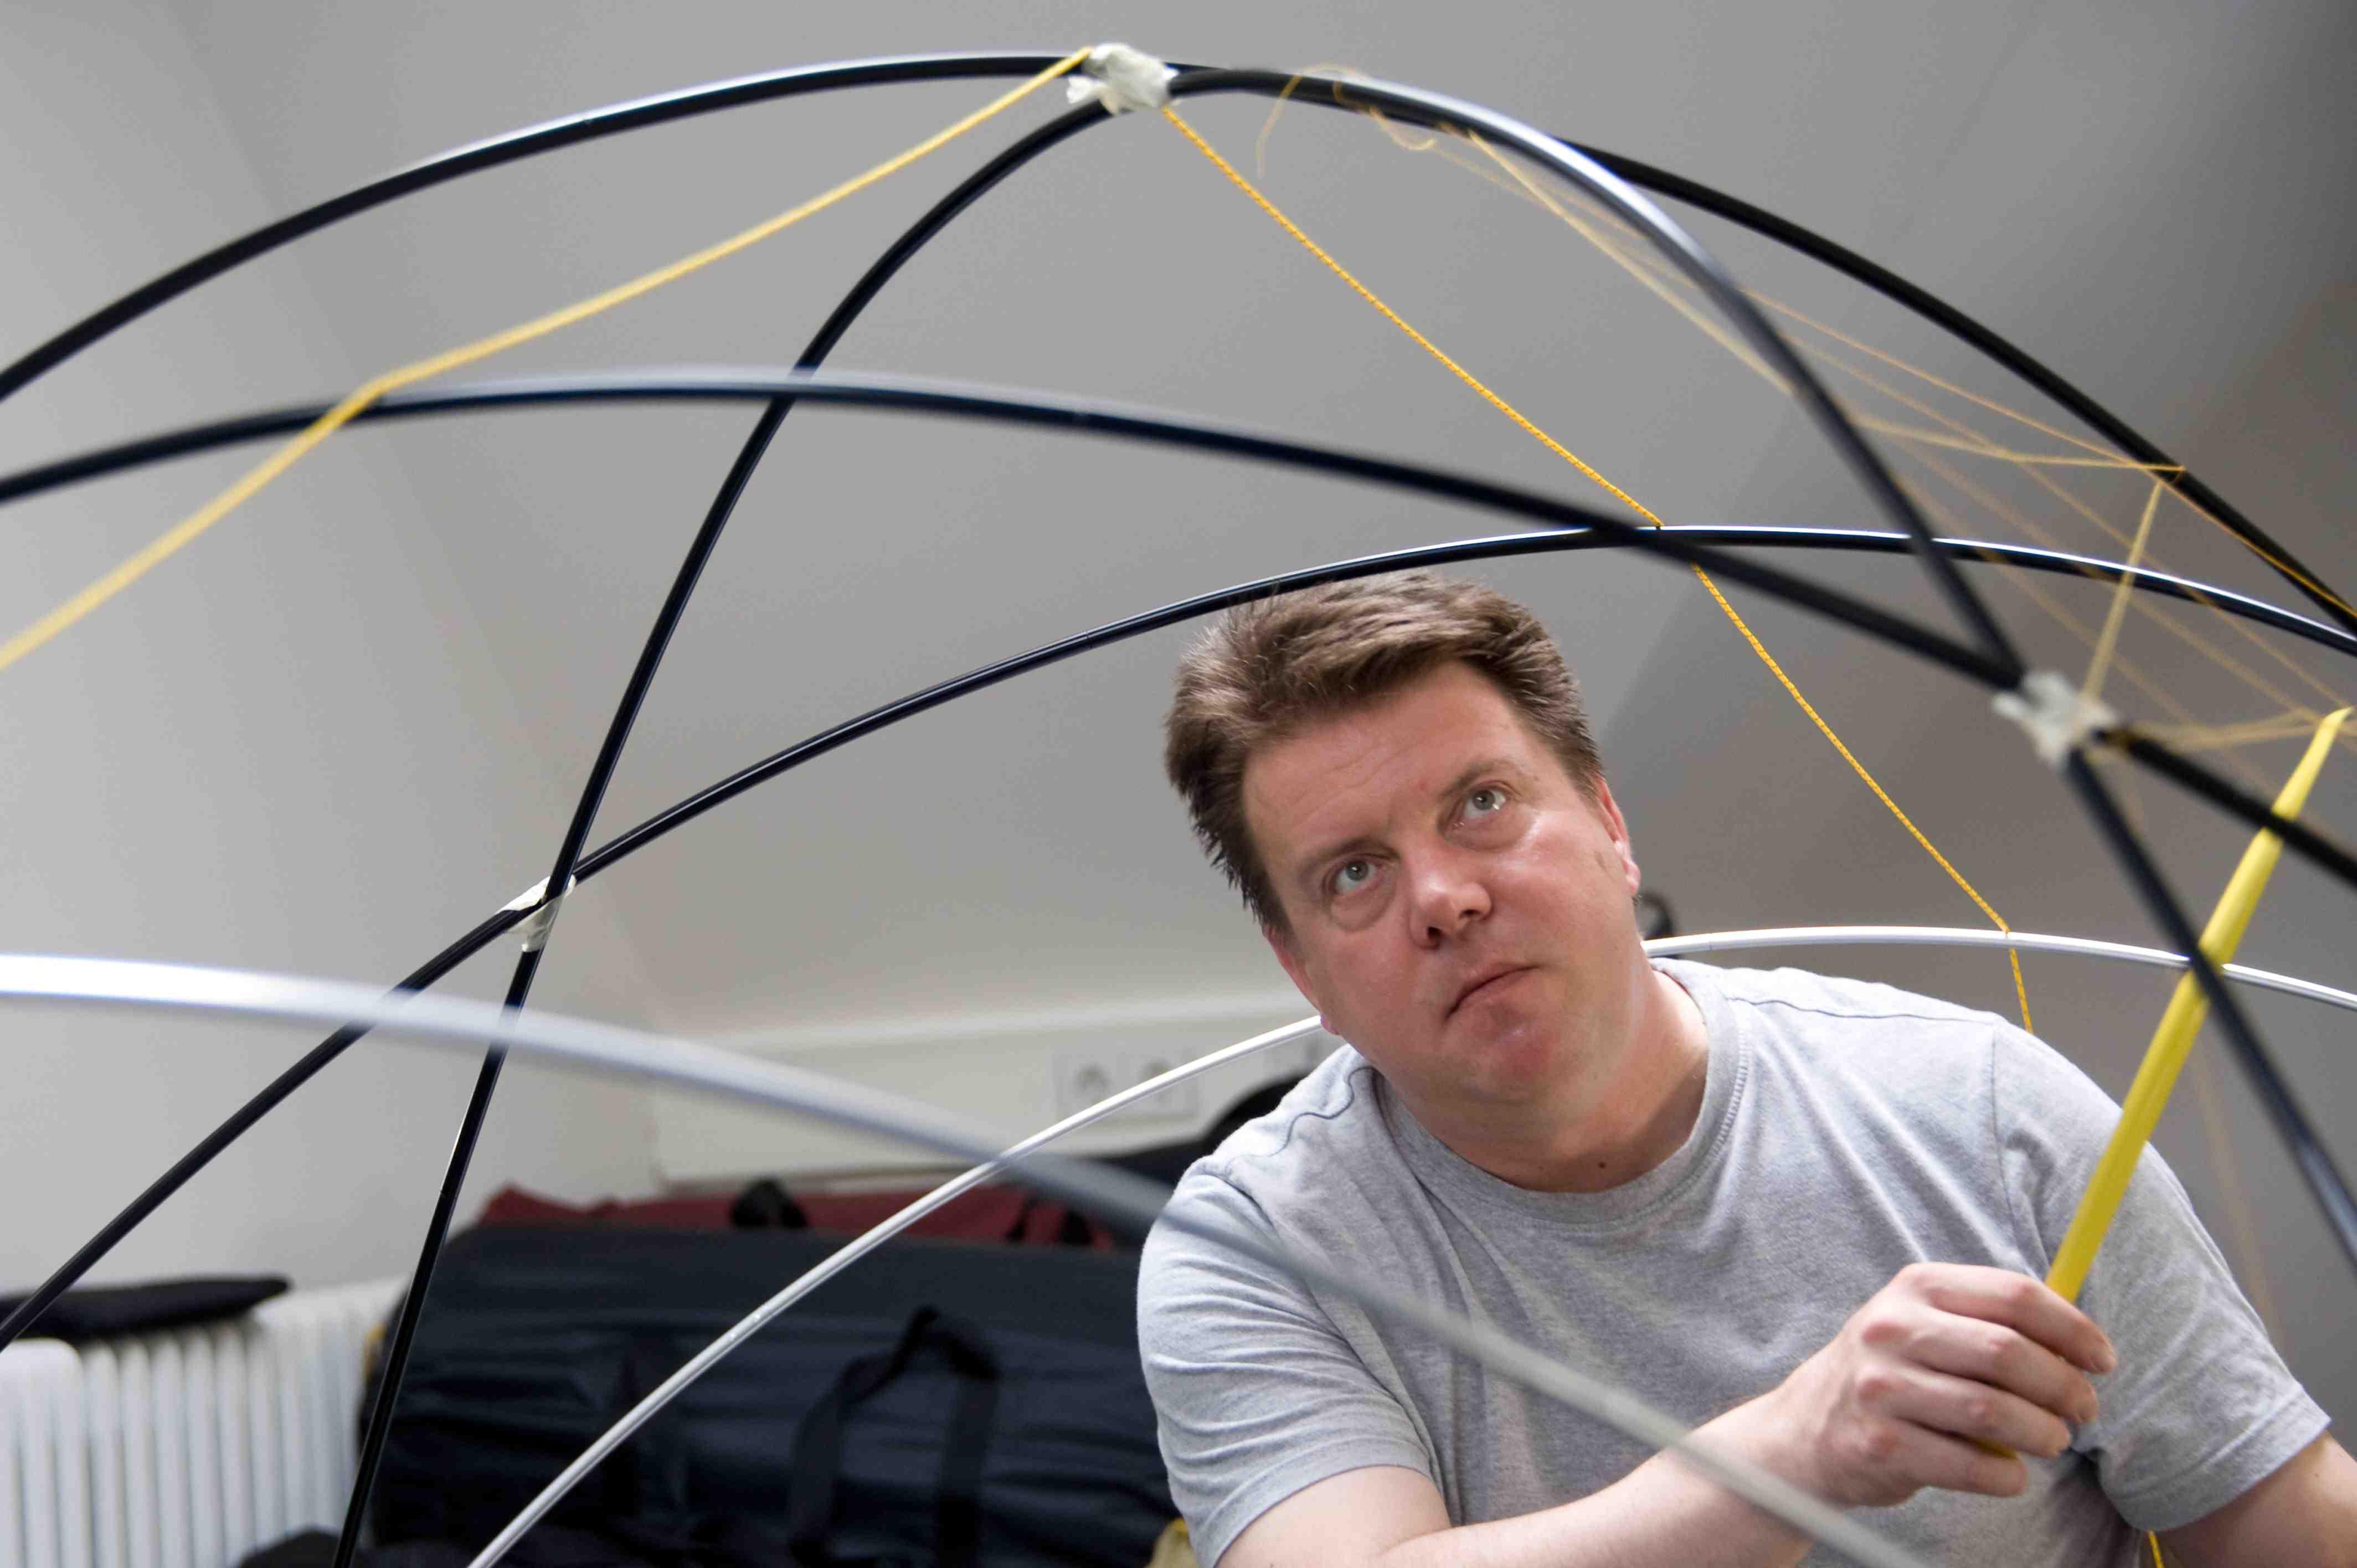 Jörg Schulze, Brand Manager von Wechsel Tents empfiehlt Vorüberlegungen anzustellen, bevor Outdoorer ein Zelt kaufen. Sie sollten sich fragen: Wo fahre ich mit dem Zelt hin und wie oft nutze ich es?   Foto: (c) Wechsel Tents